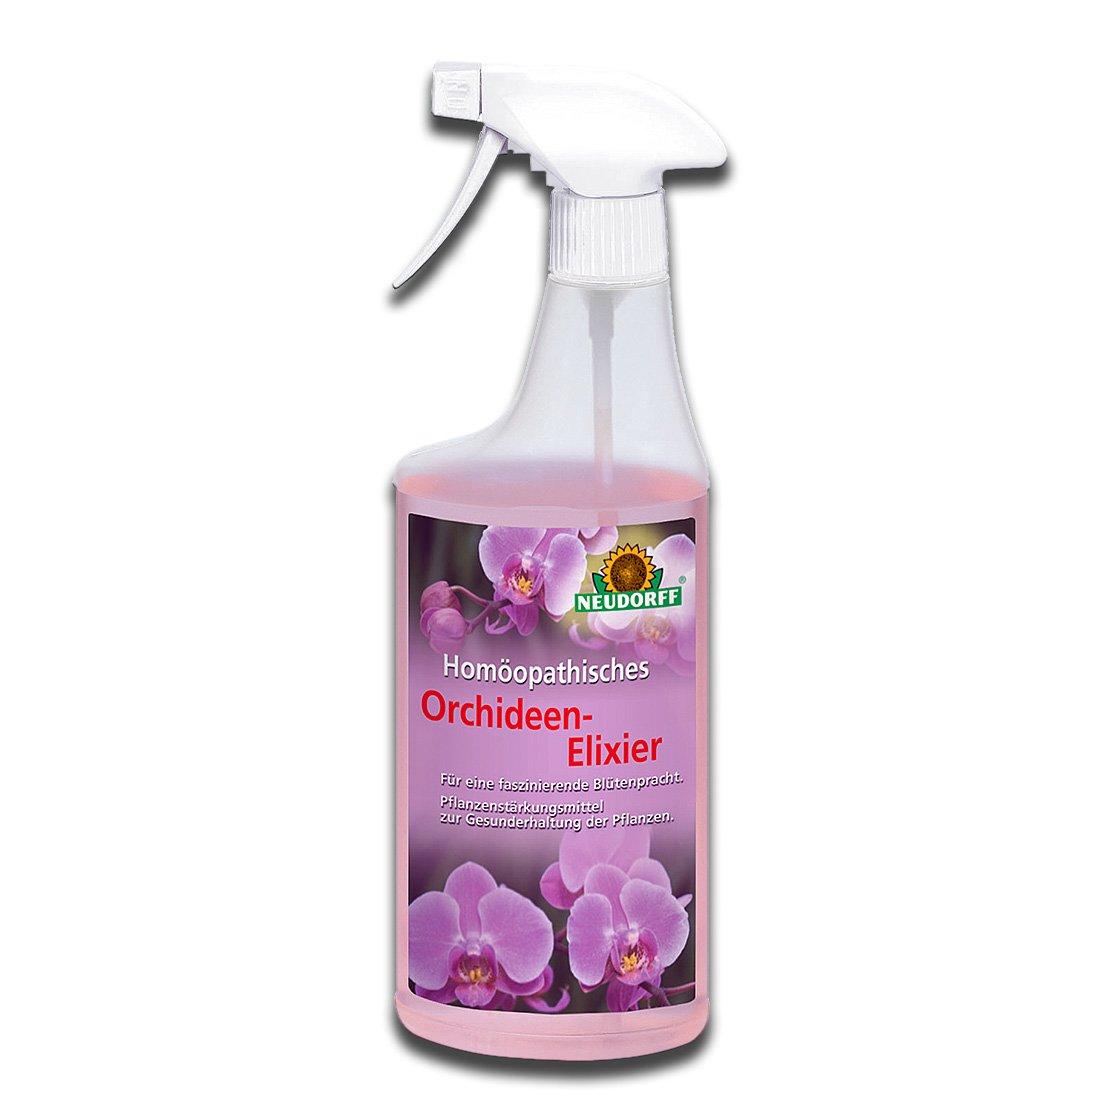 Neudorff Homöopathisches Orchideen Elixier natürliche